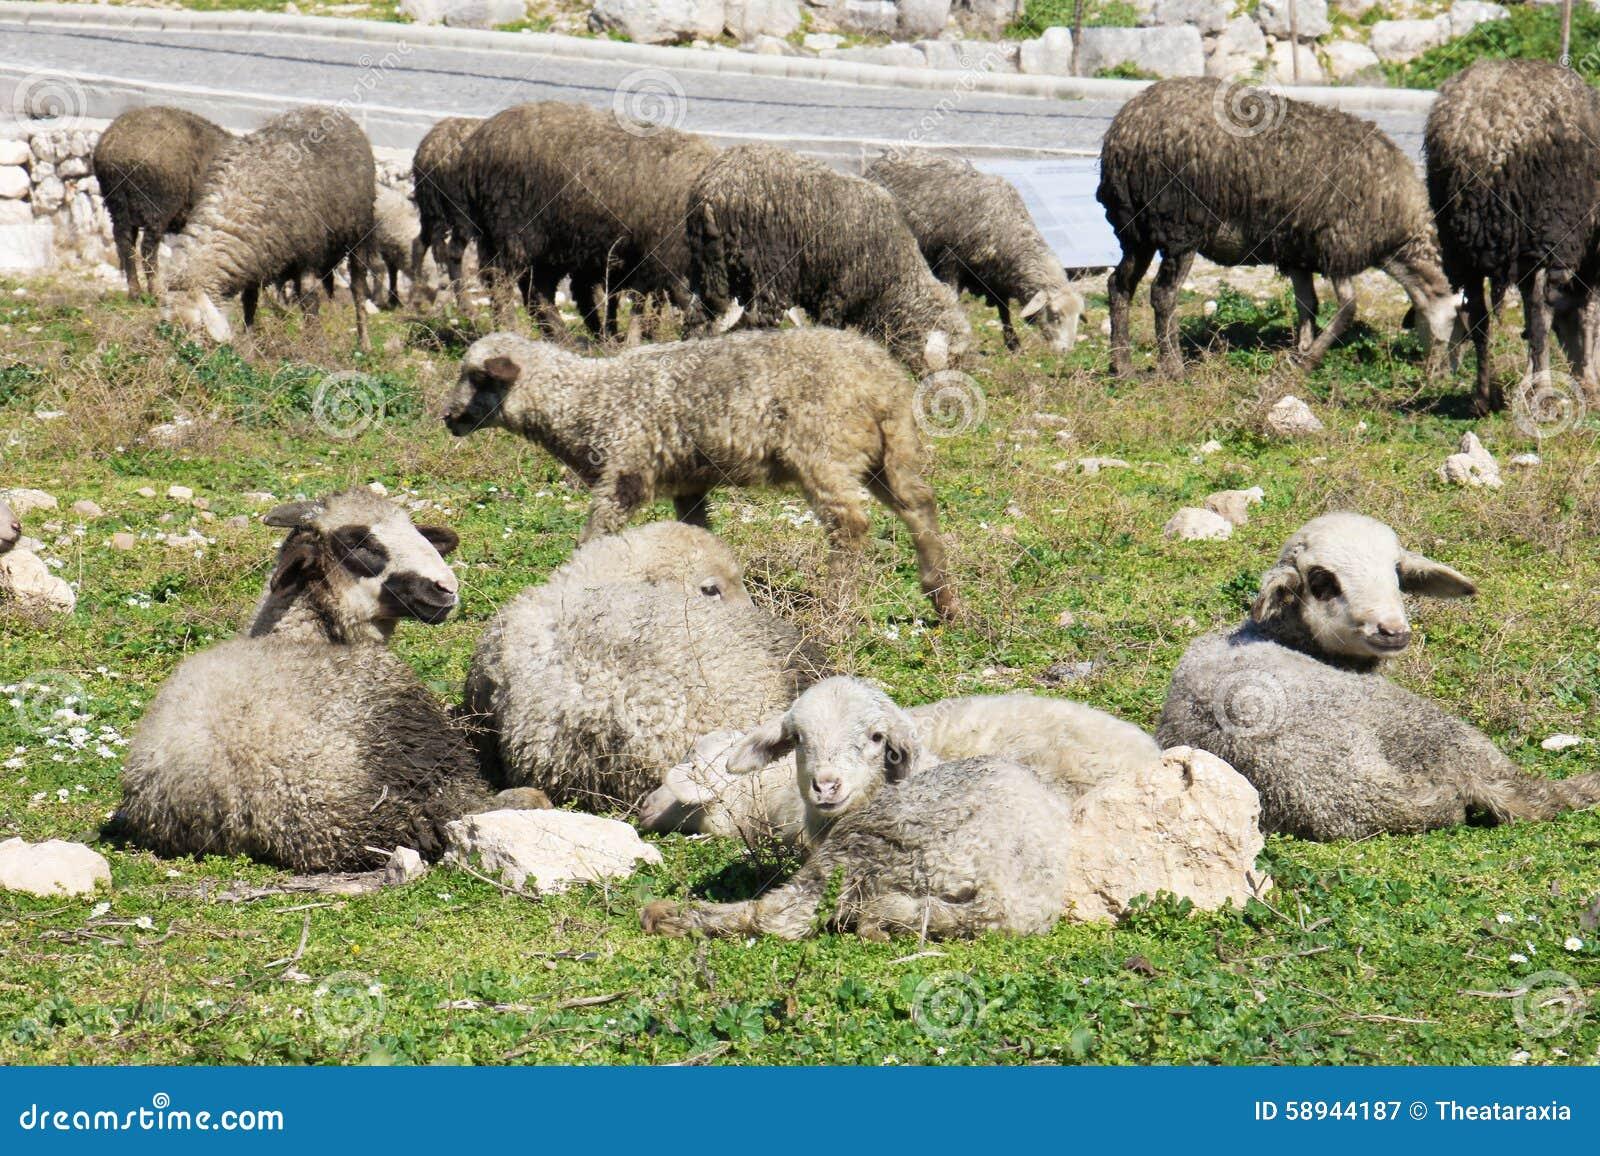 Herd Of White Sheep Stock Photo - Image: 58944187